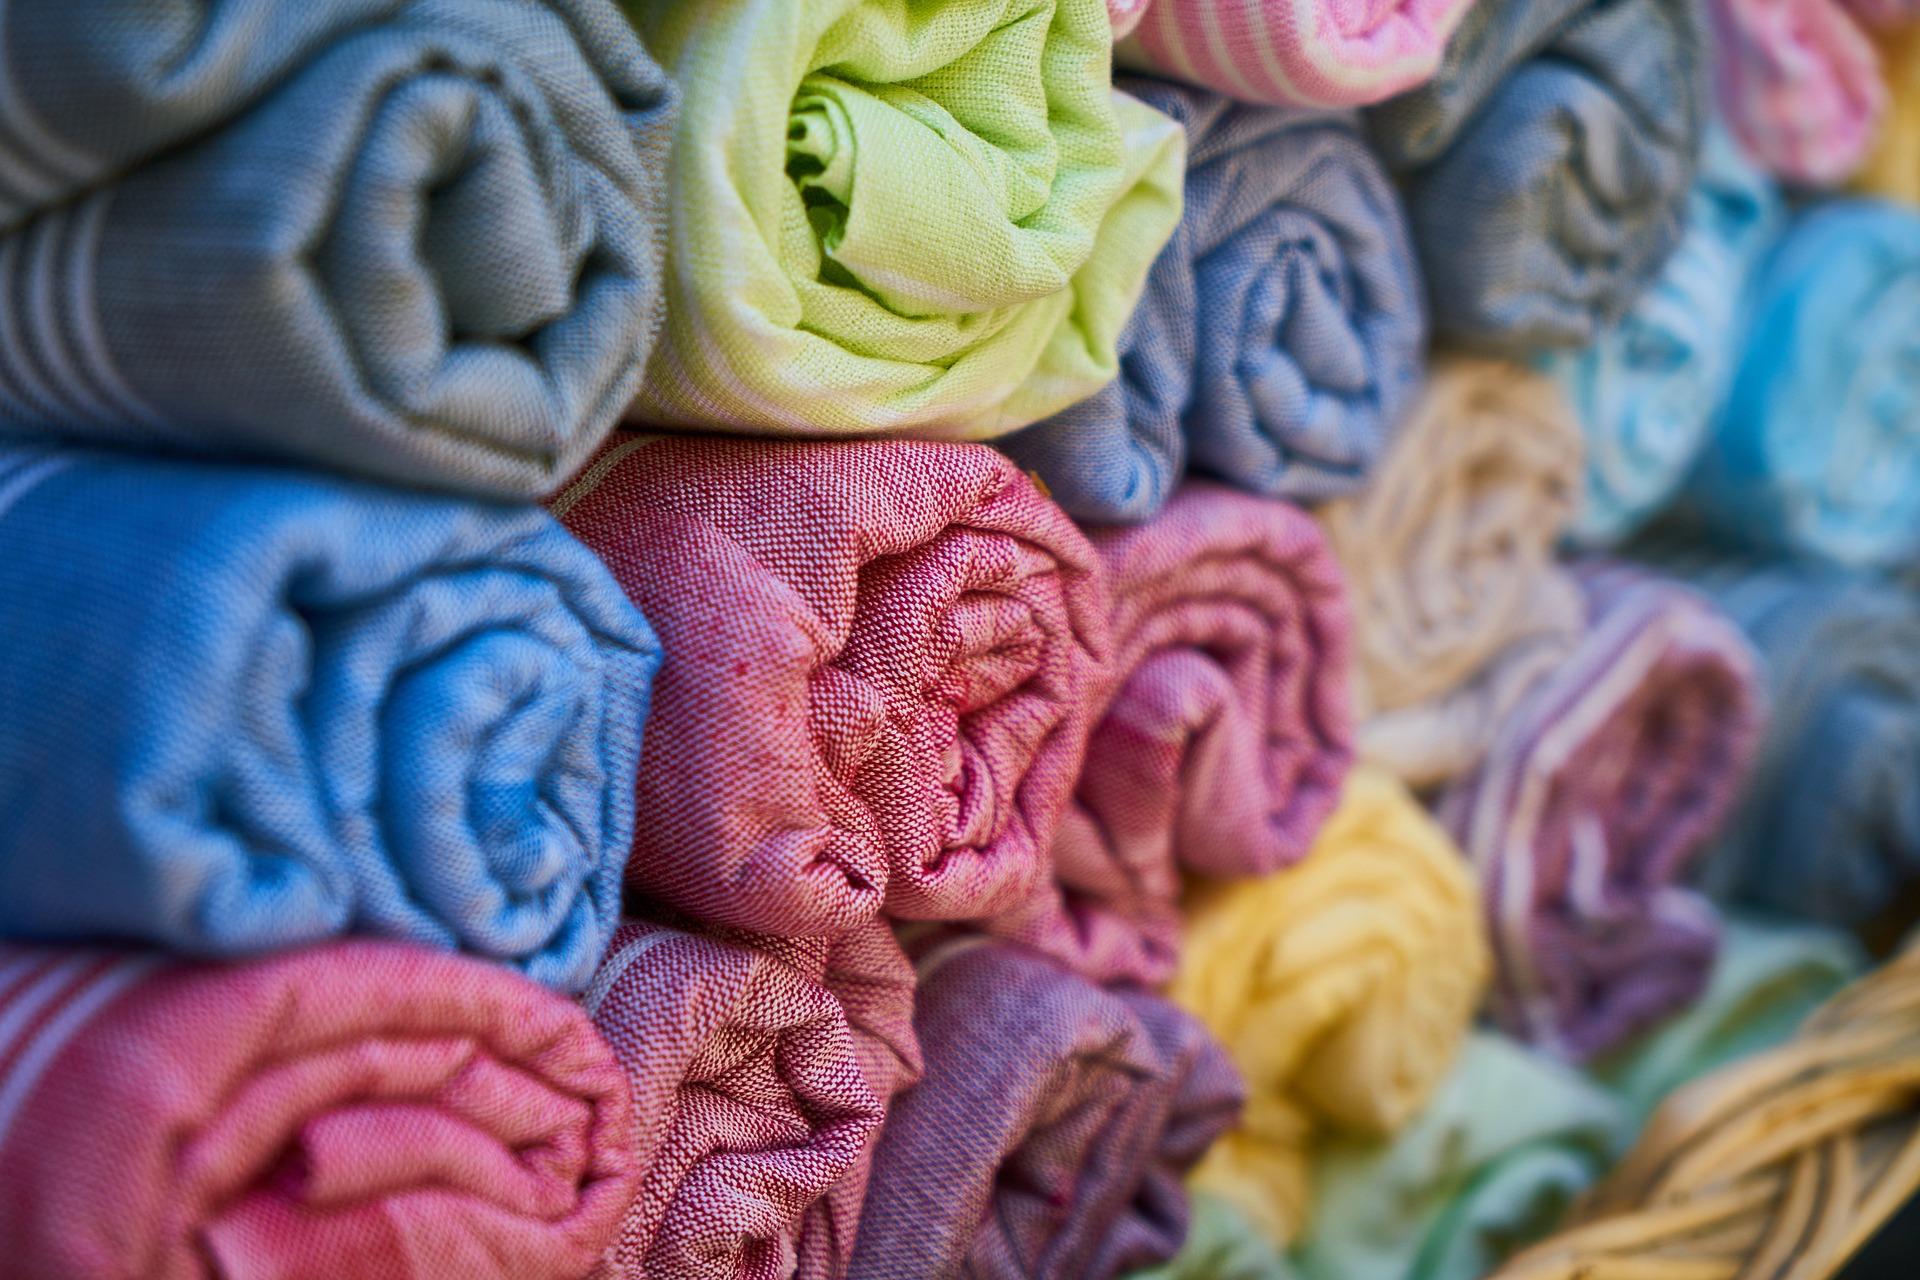 26-towel-1838210_1920